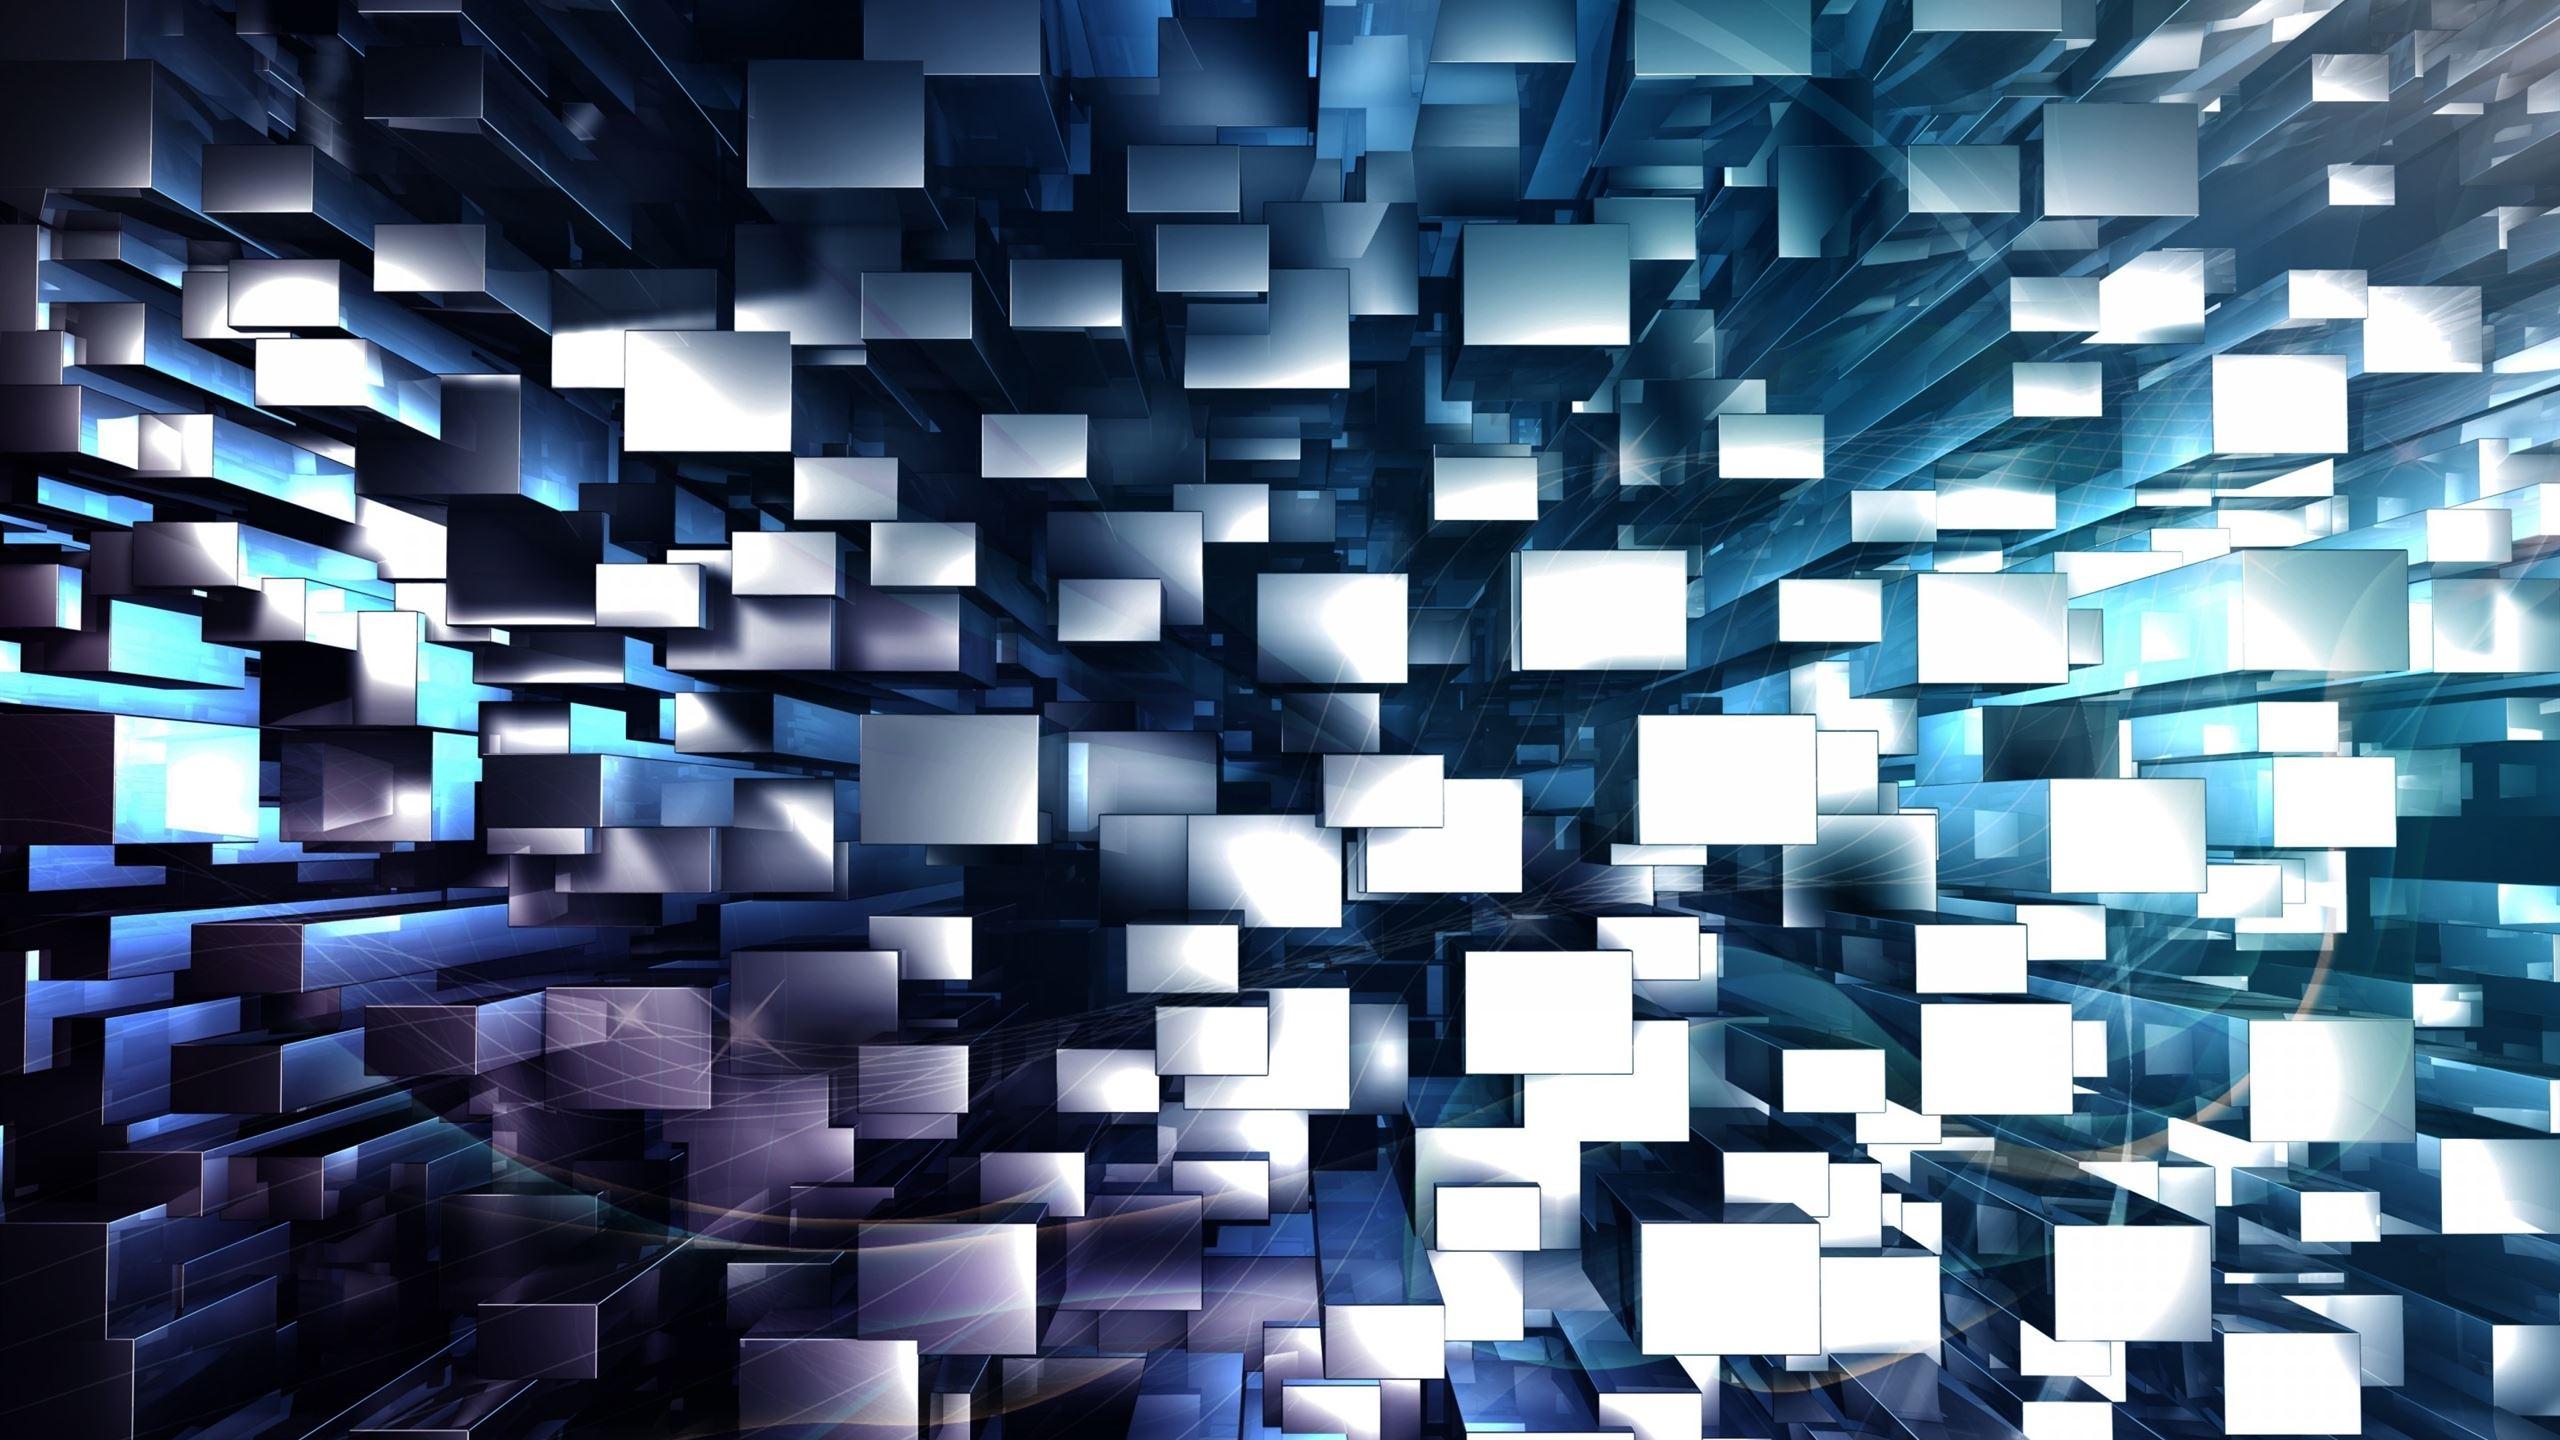 3d Geometric Background Mac Wallpaper Download Allmacwallpaper